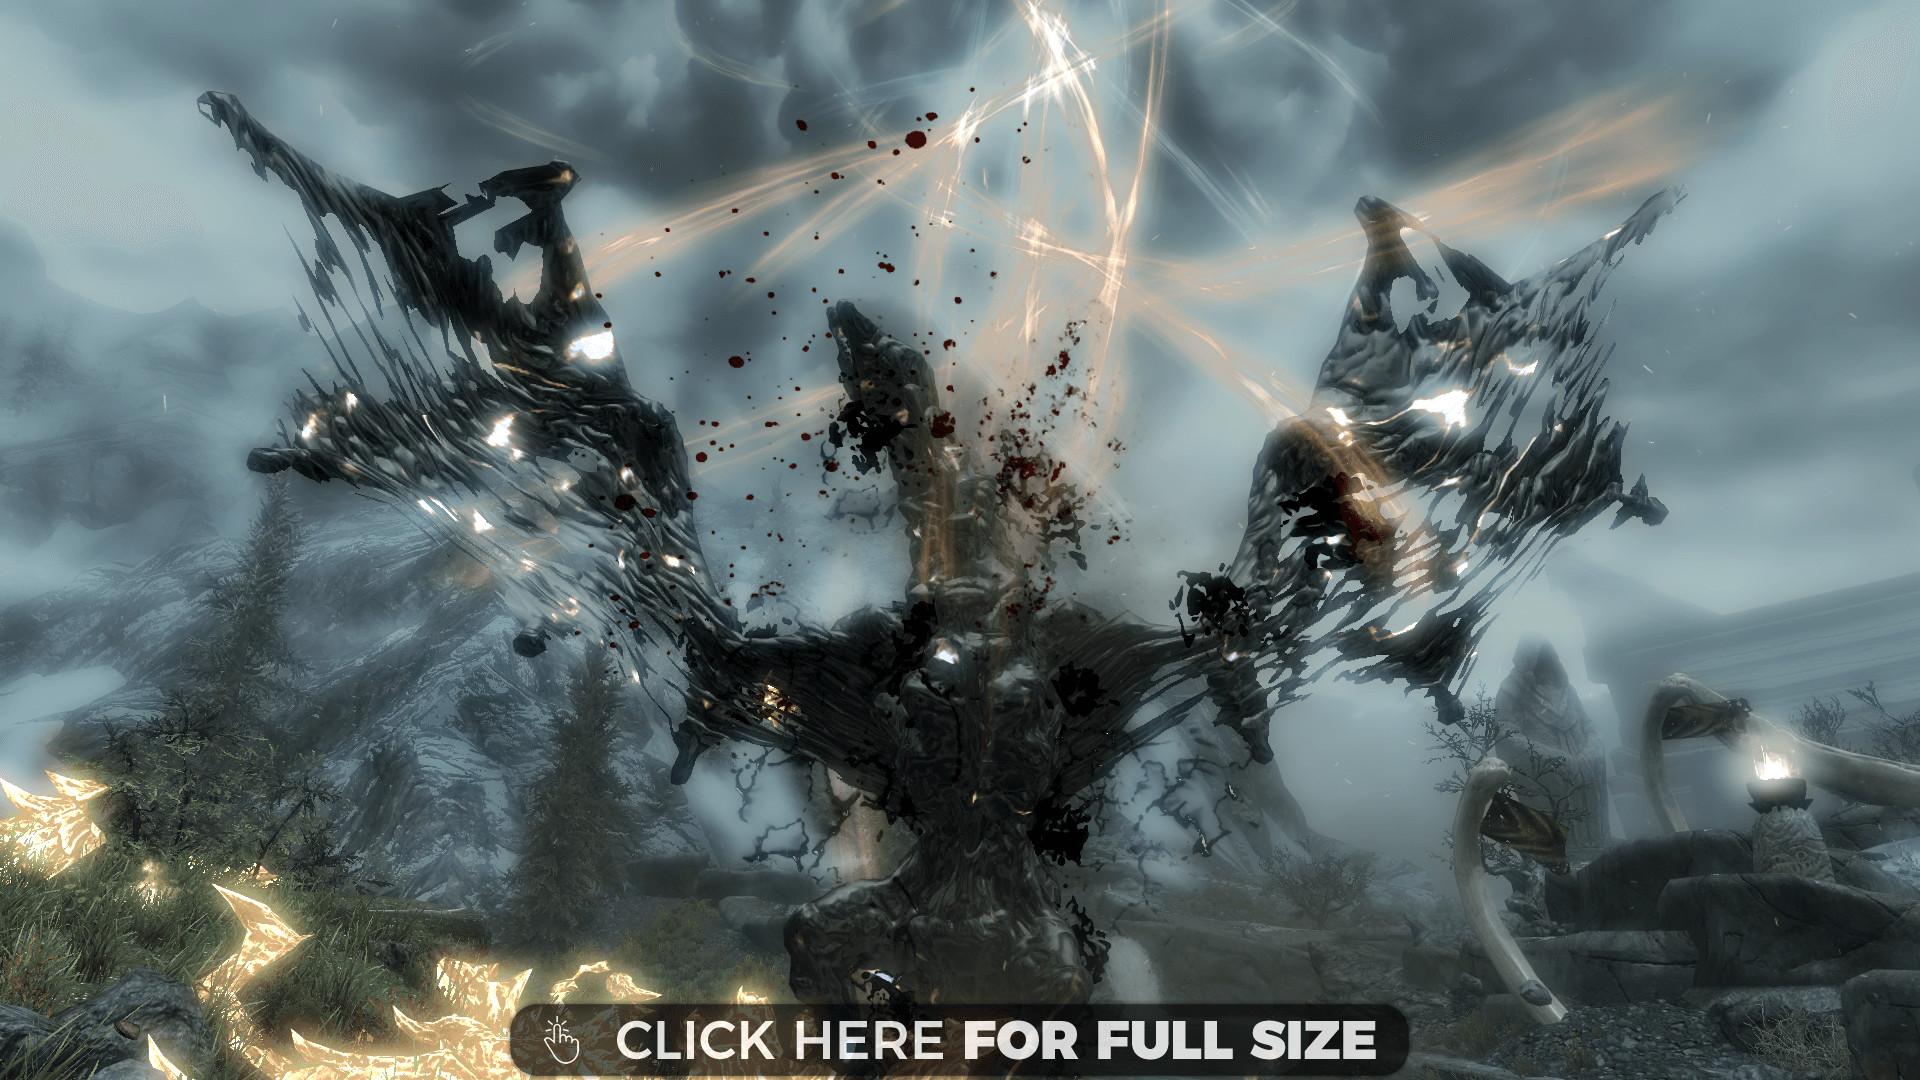 Skyrim Desktop Wallpaper 72 Images